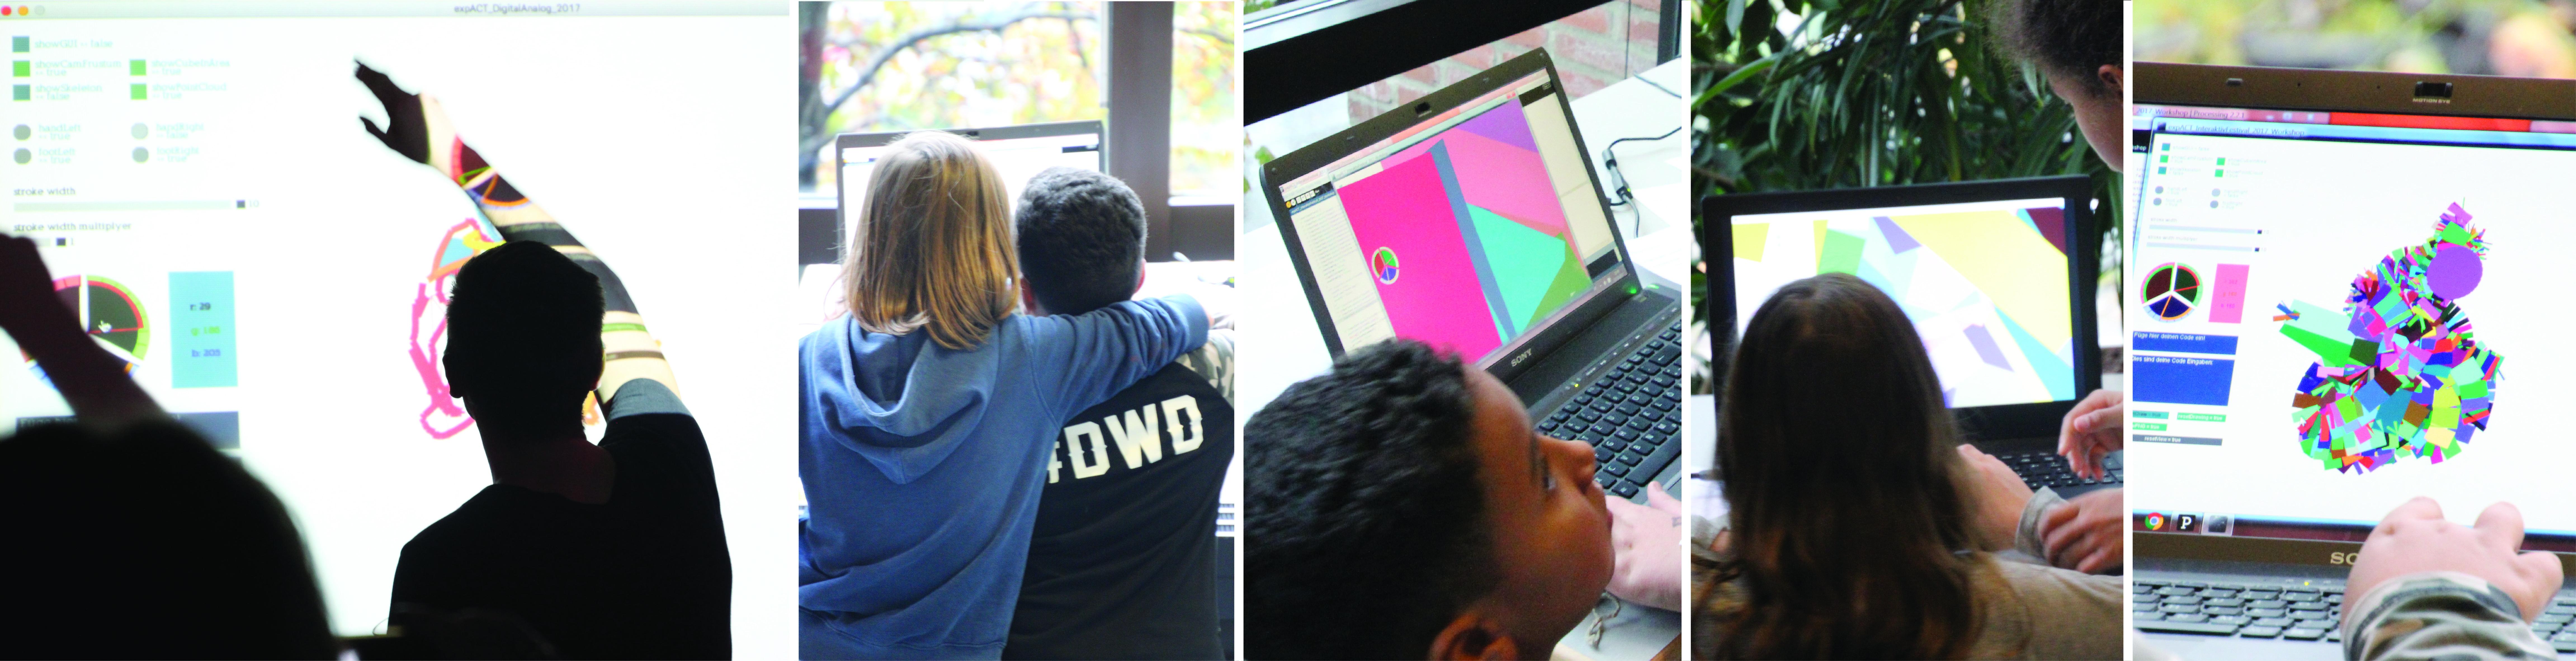 expACT: ein medienpädagogisches Coding und 3D Zeichenprogramm für ...